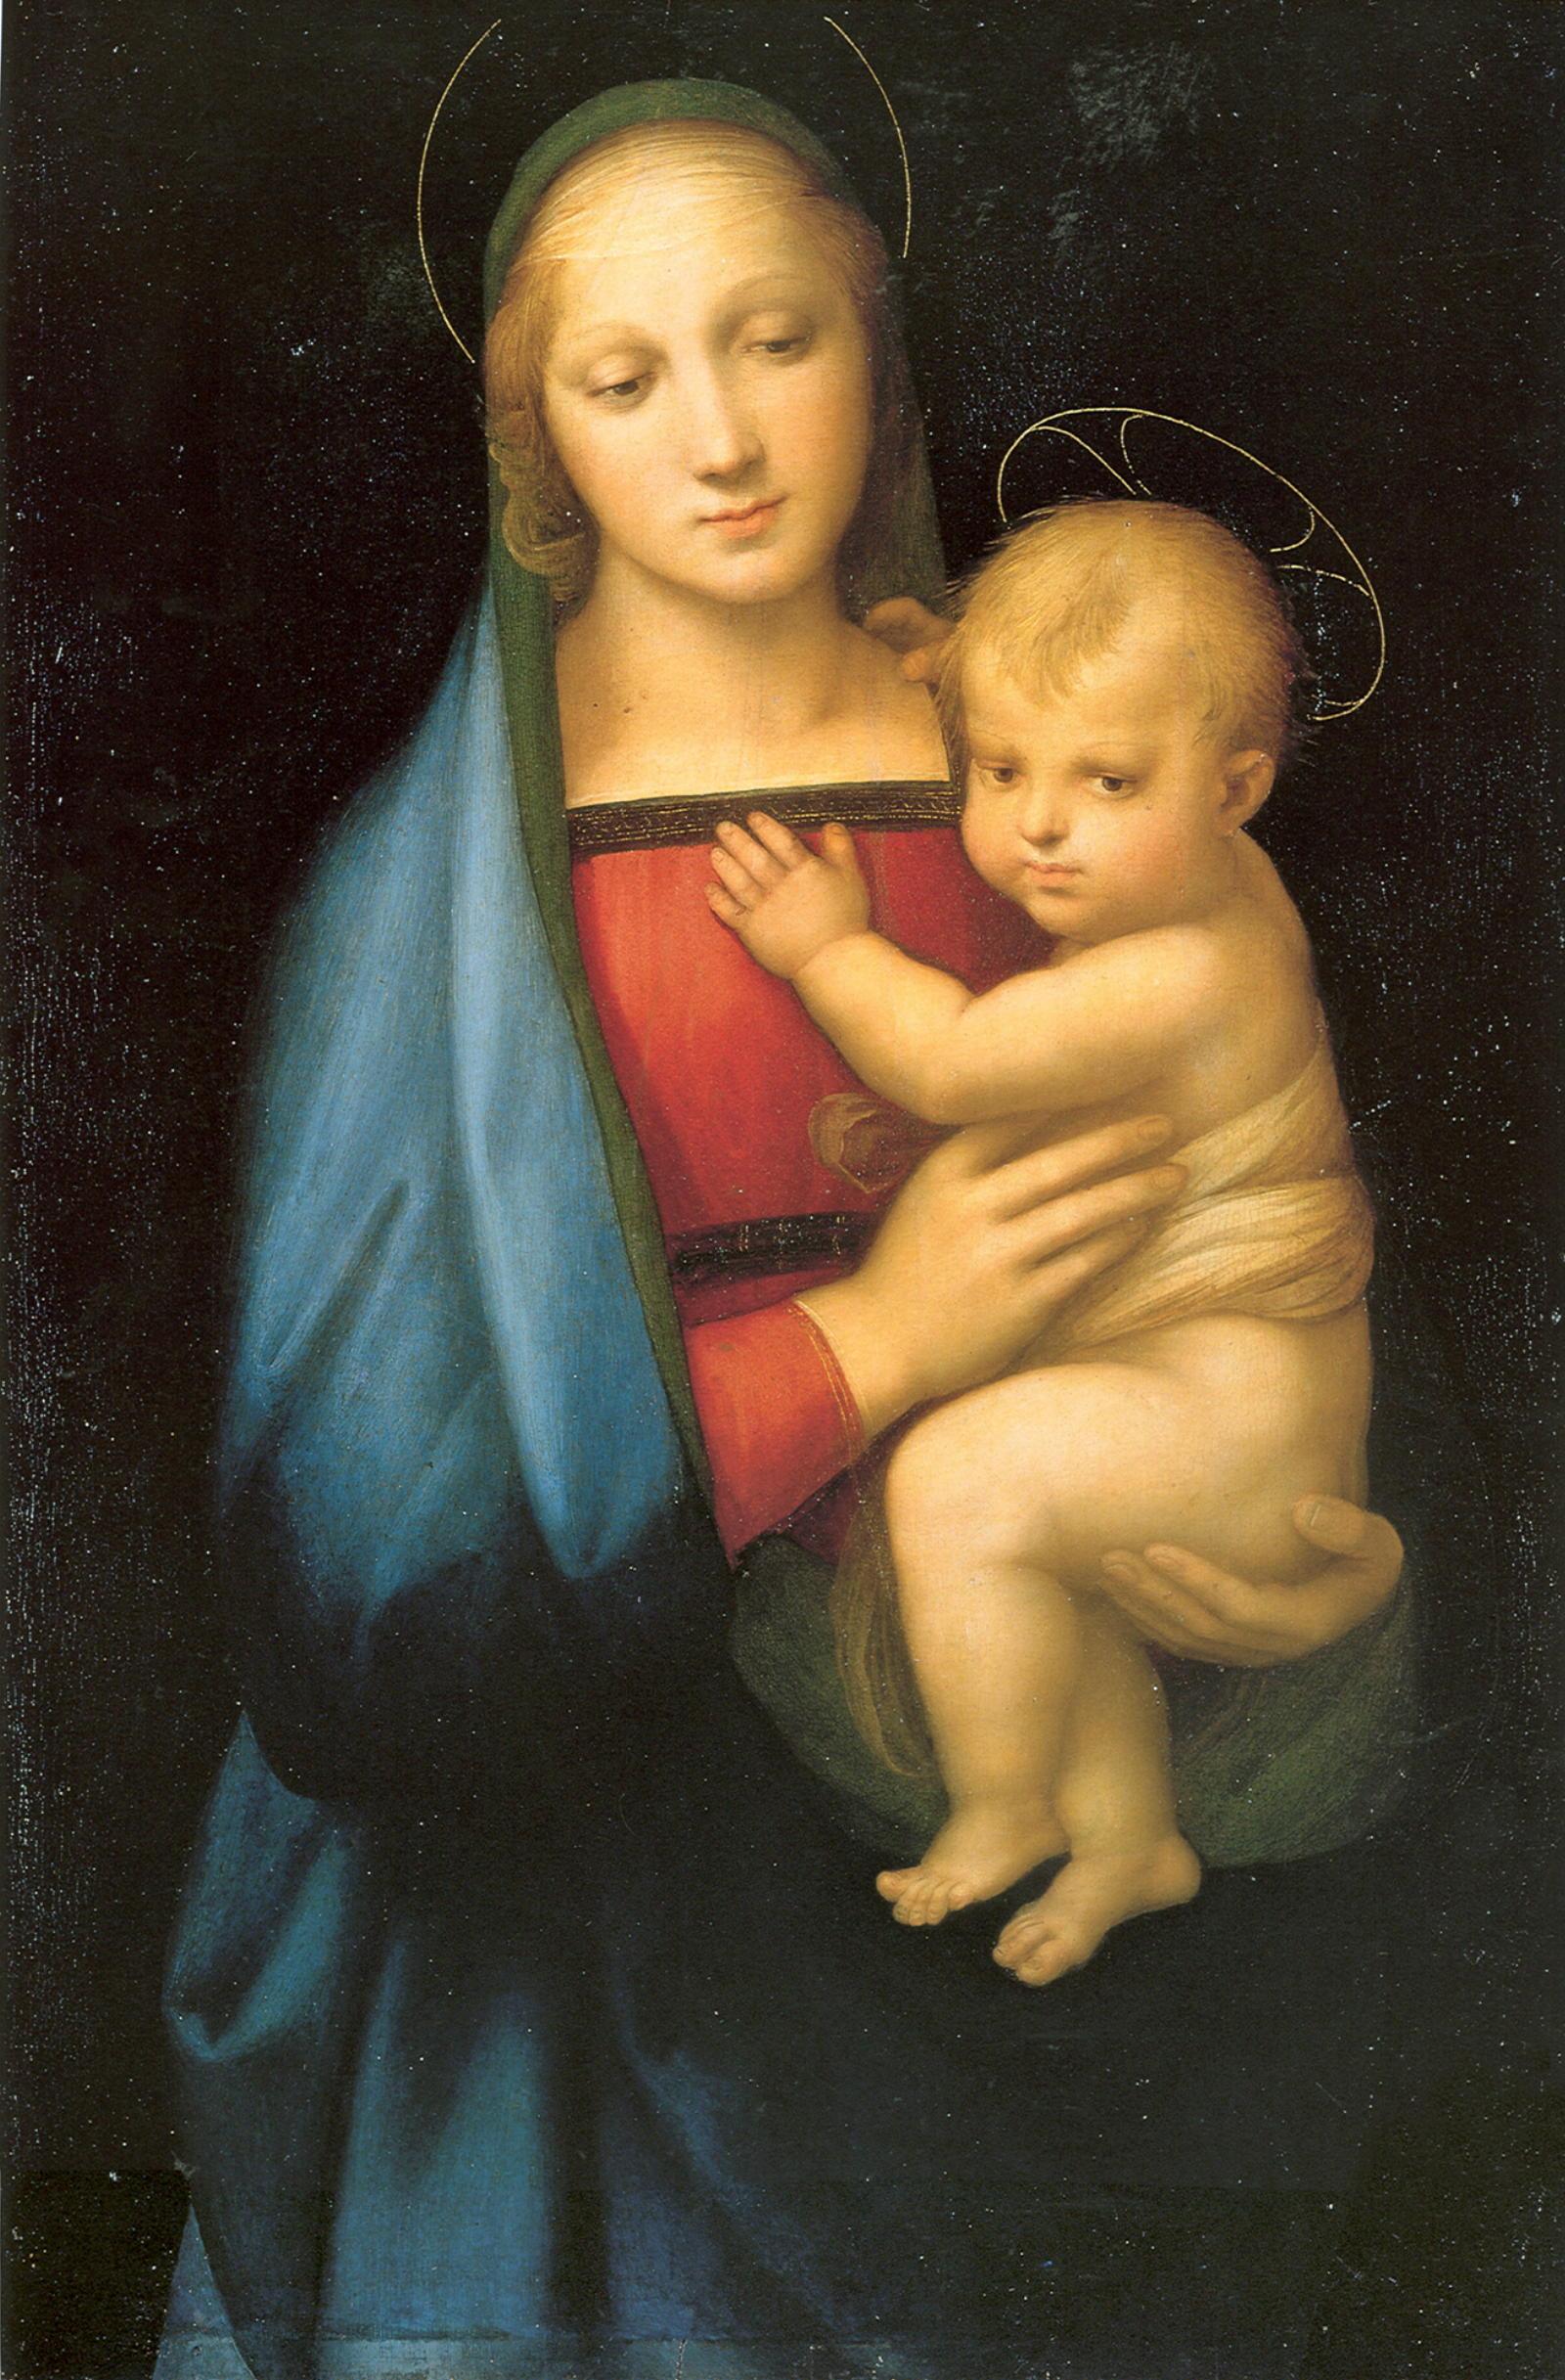 https://upload.wikimedia.org/wikipedia/commons/f/f9/Raphael_Madonna_dell_Granduca.jpg